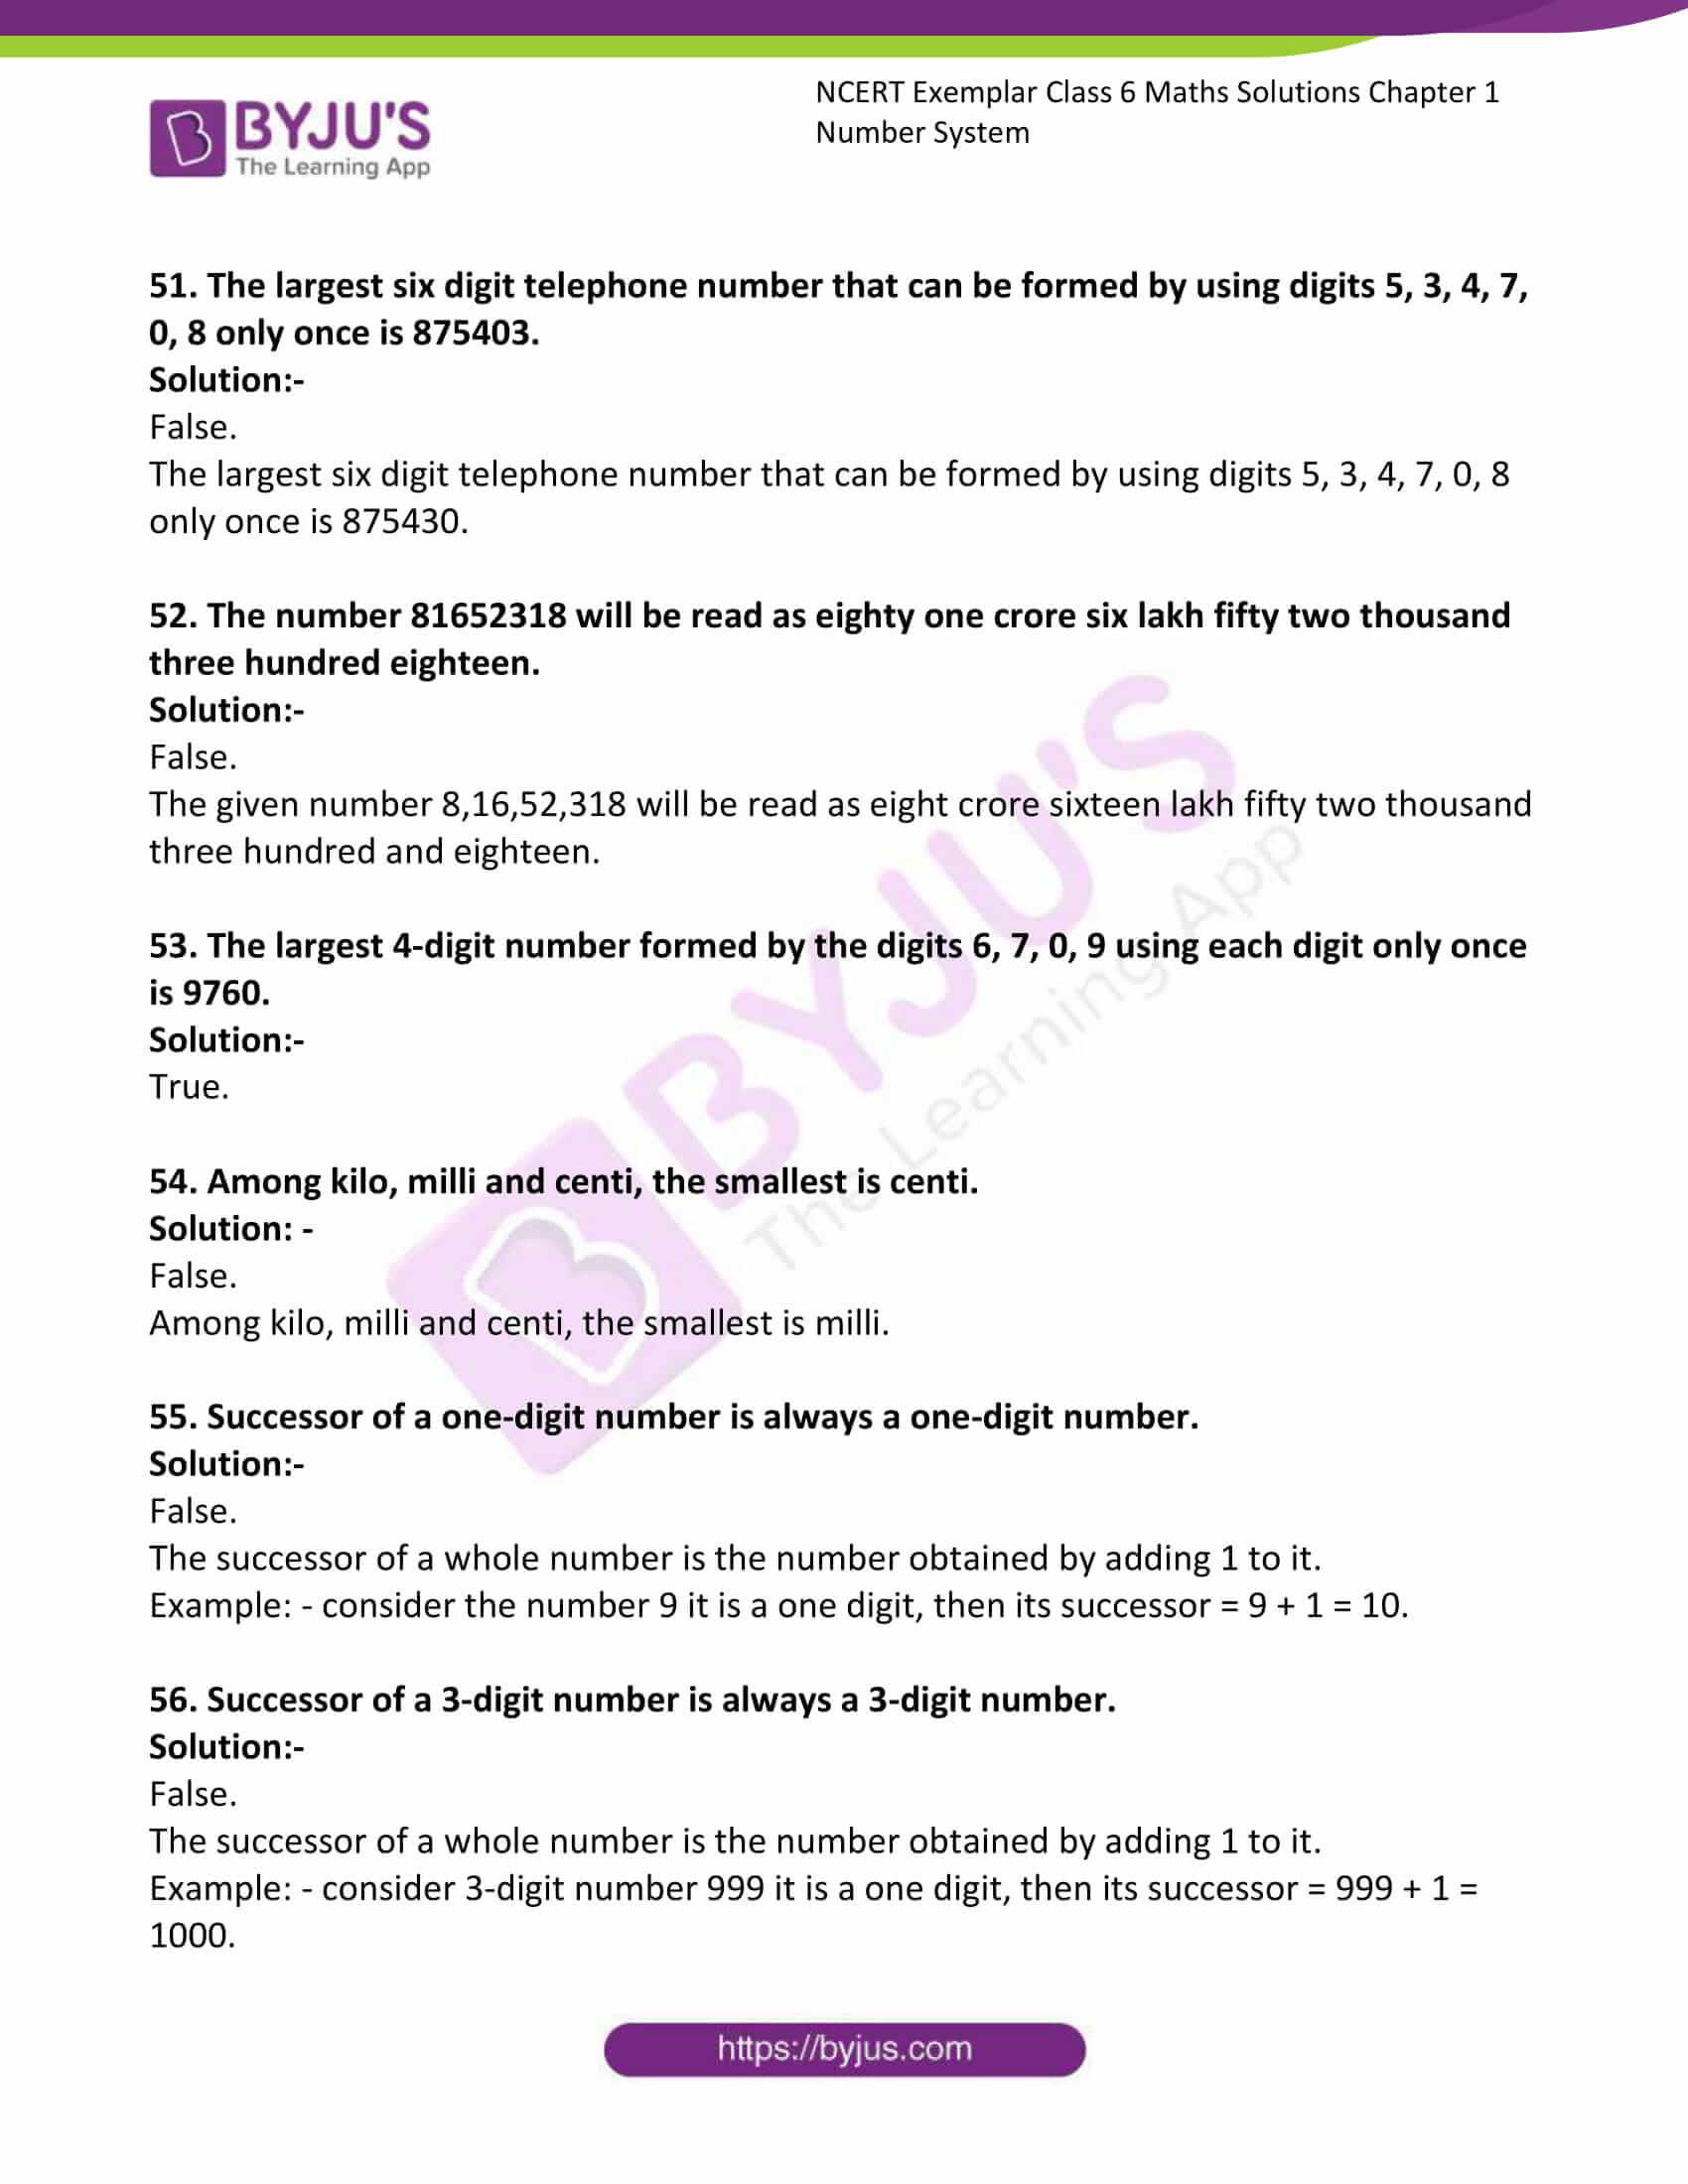 ncert exemplar class 6 maths sol ch 1 14